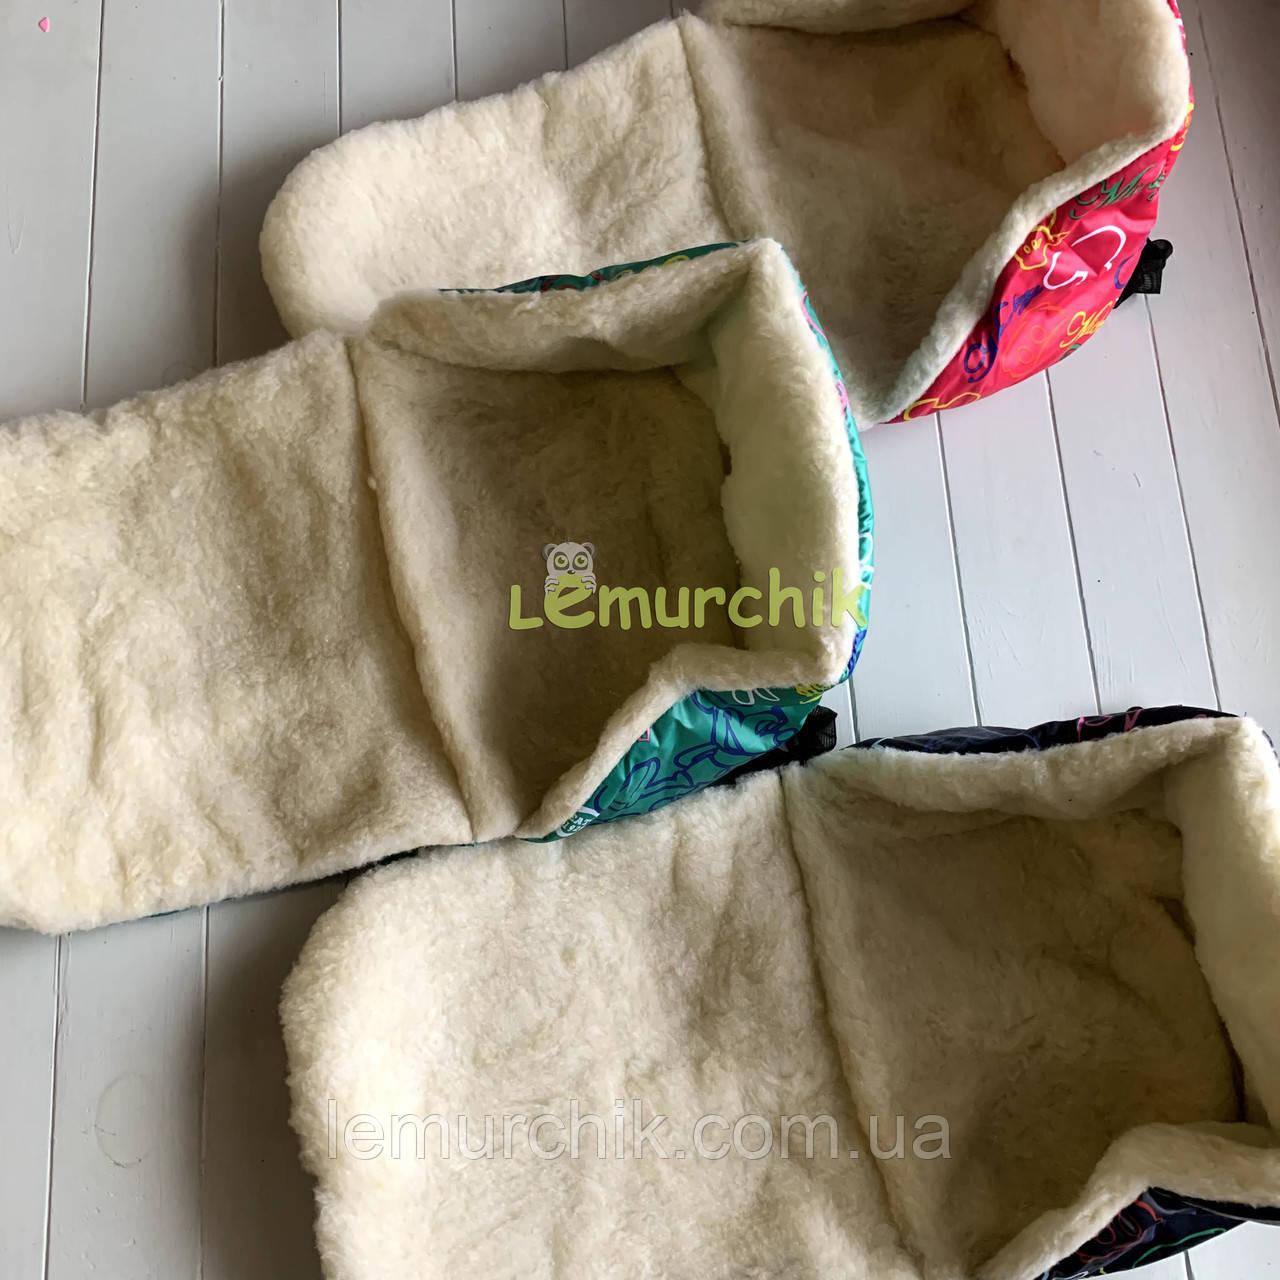 Тепла хутряна вставка сидушка в санки з малюнком, колір на вибір